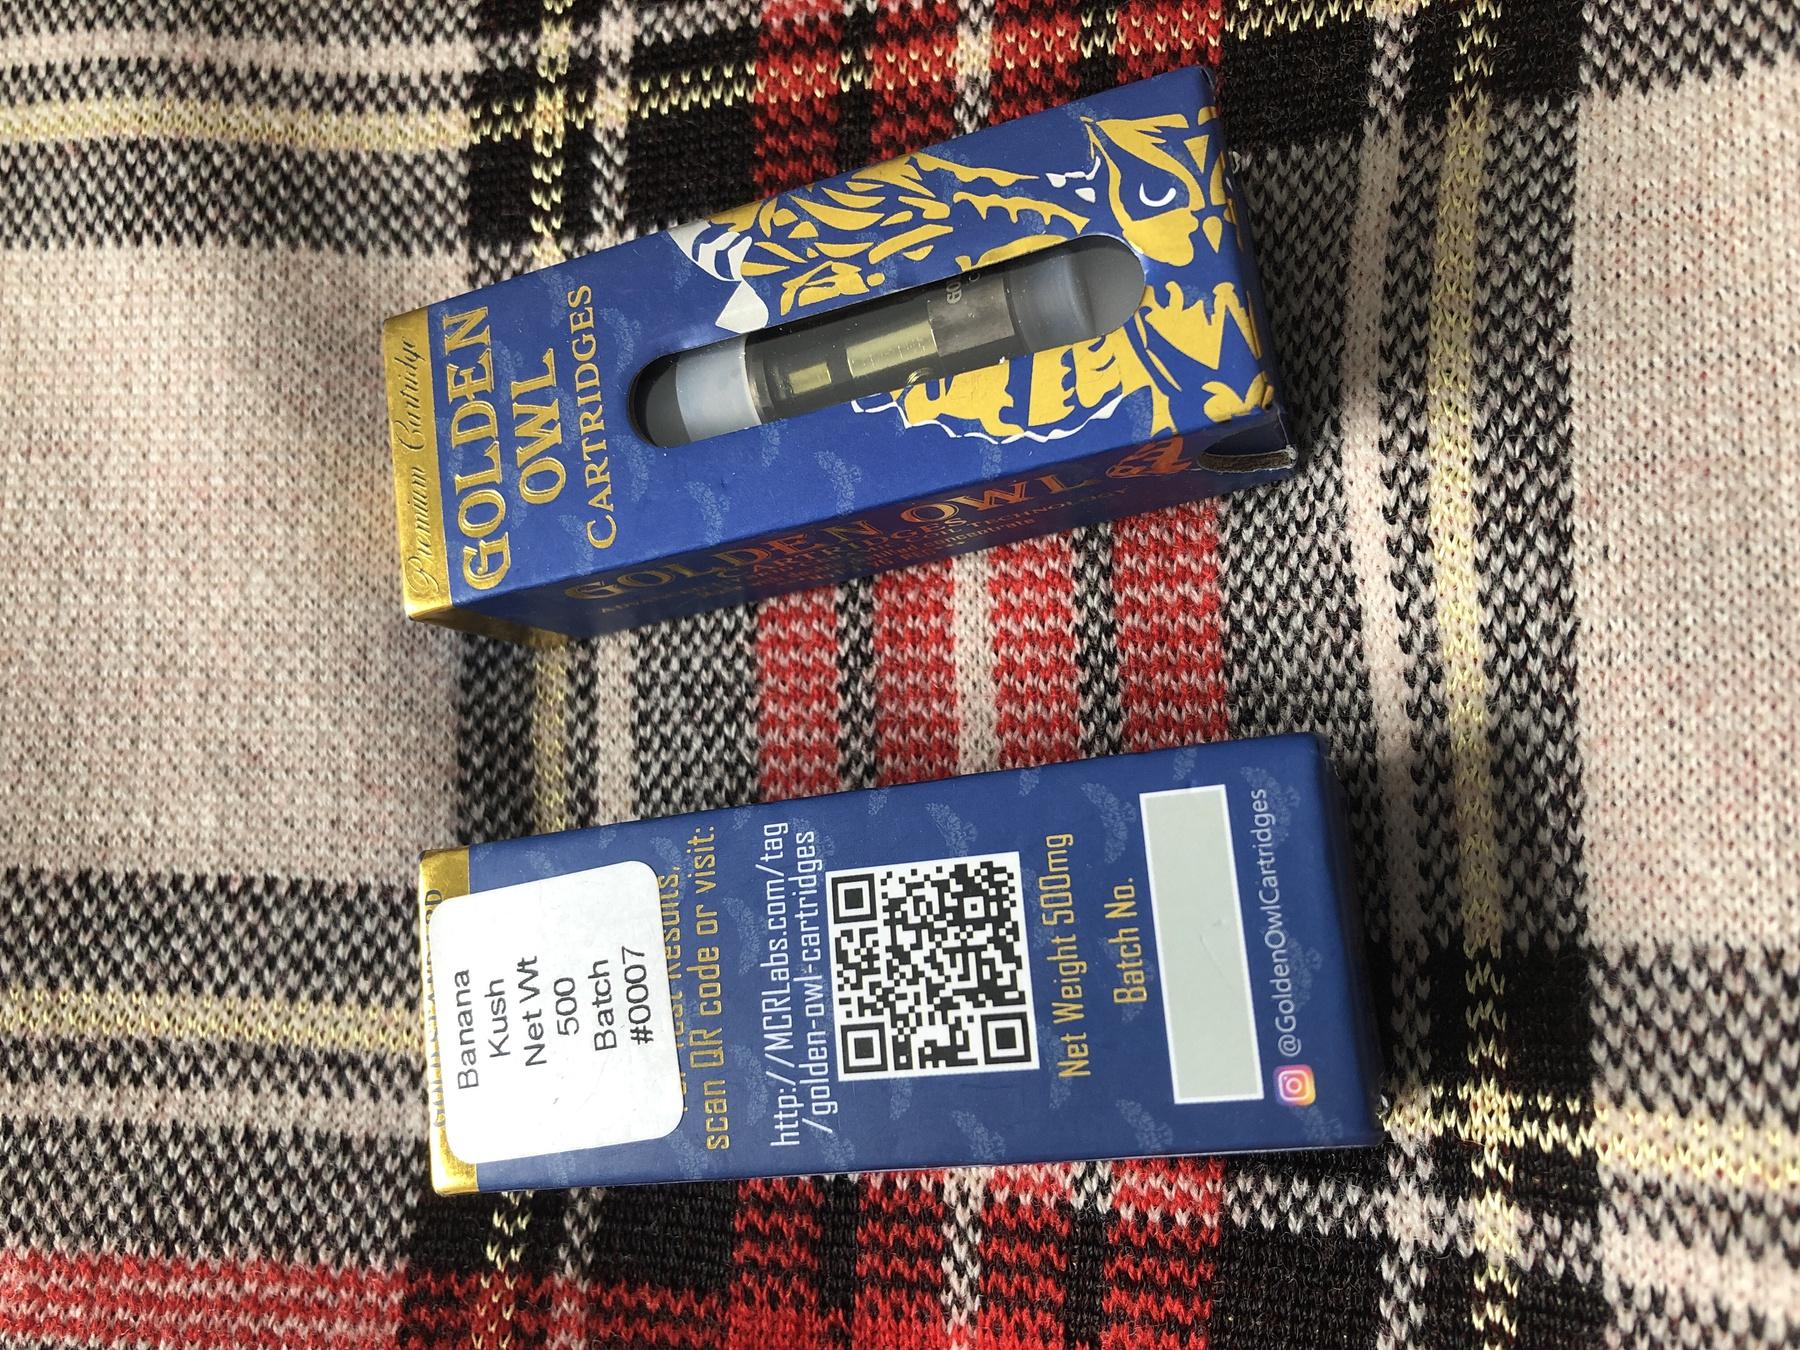 Banana Kush 0.5 Cartridge (Golden Owl) Product image